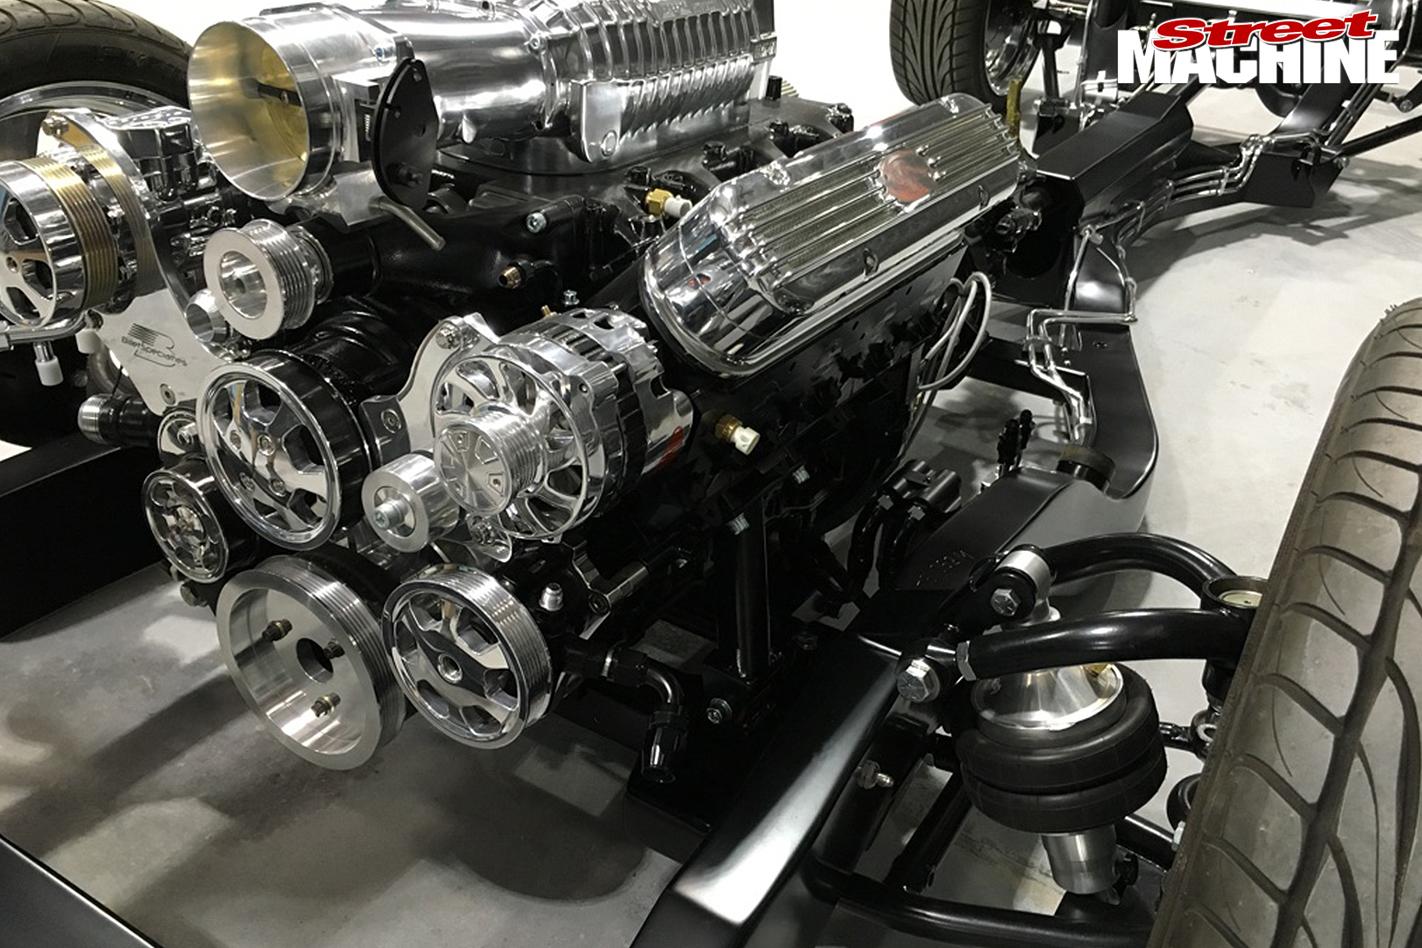 29-Pontiac -Laurentian -build -harrop -blown -lsx